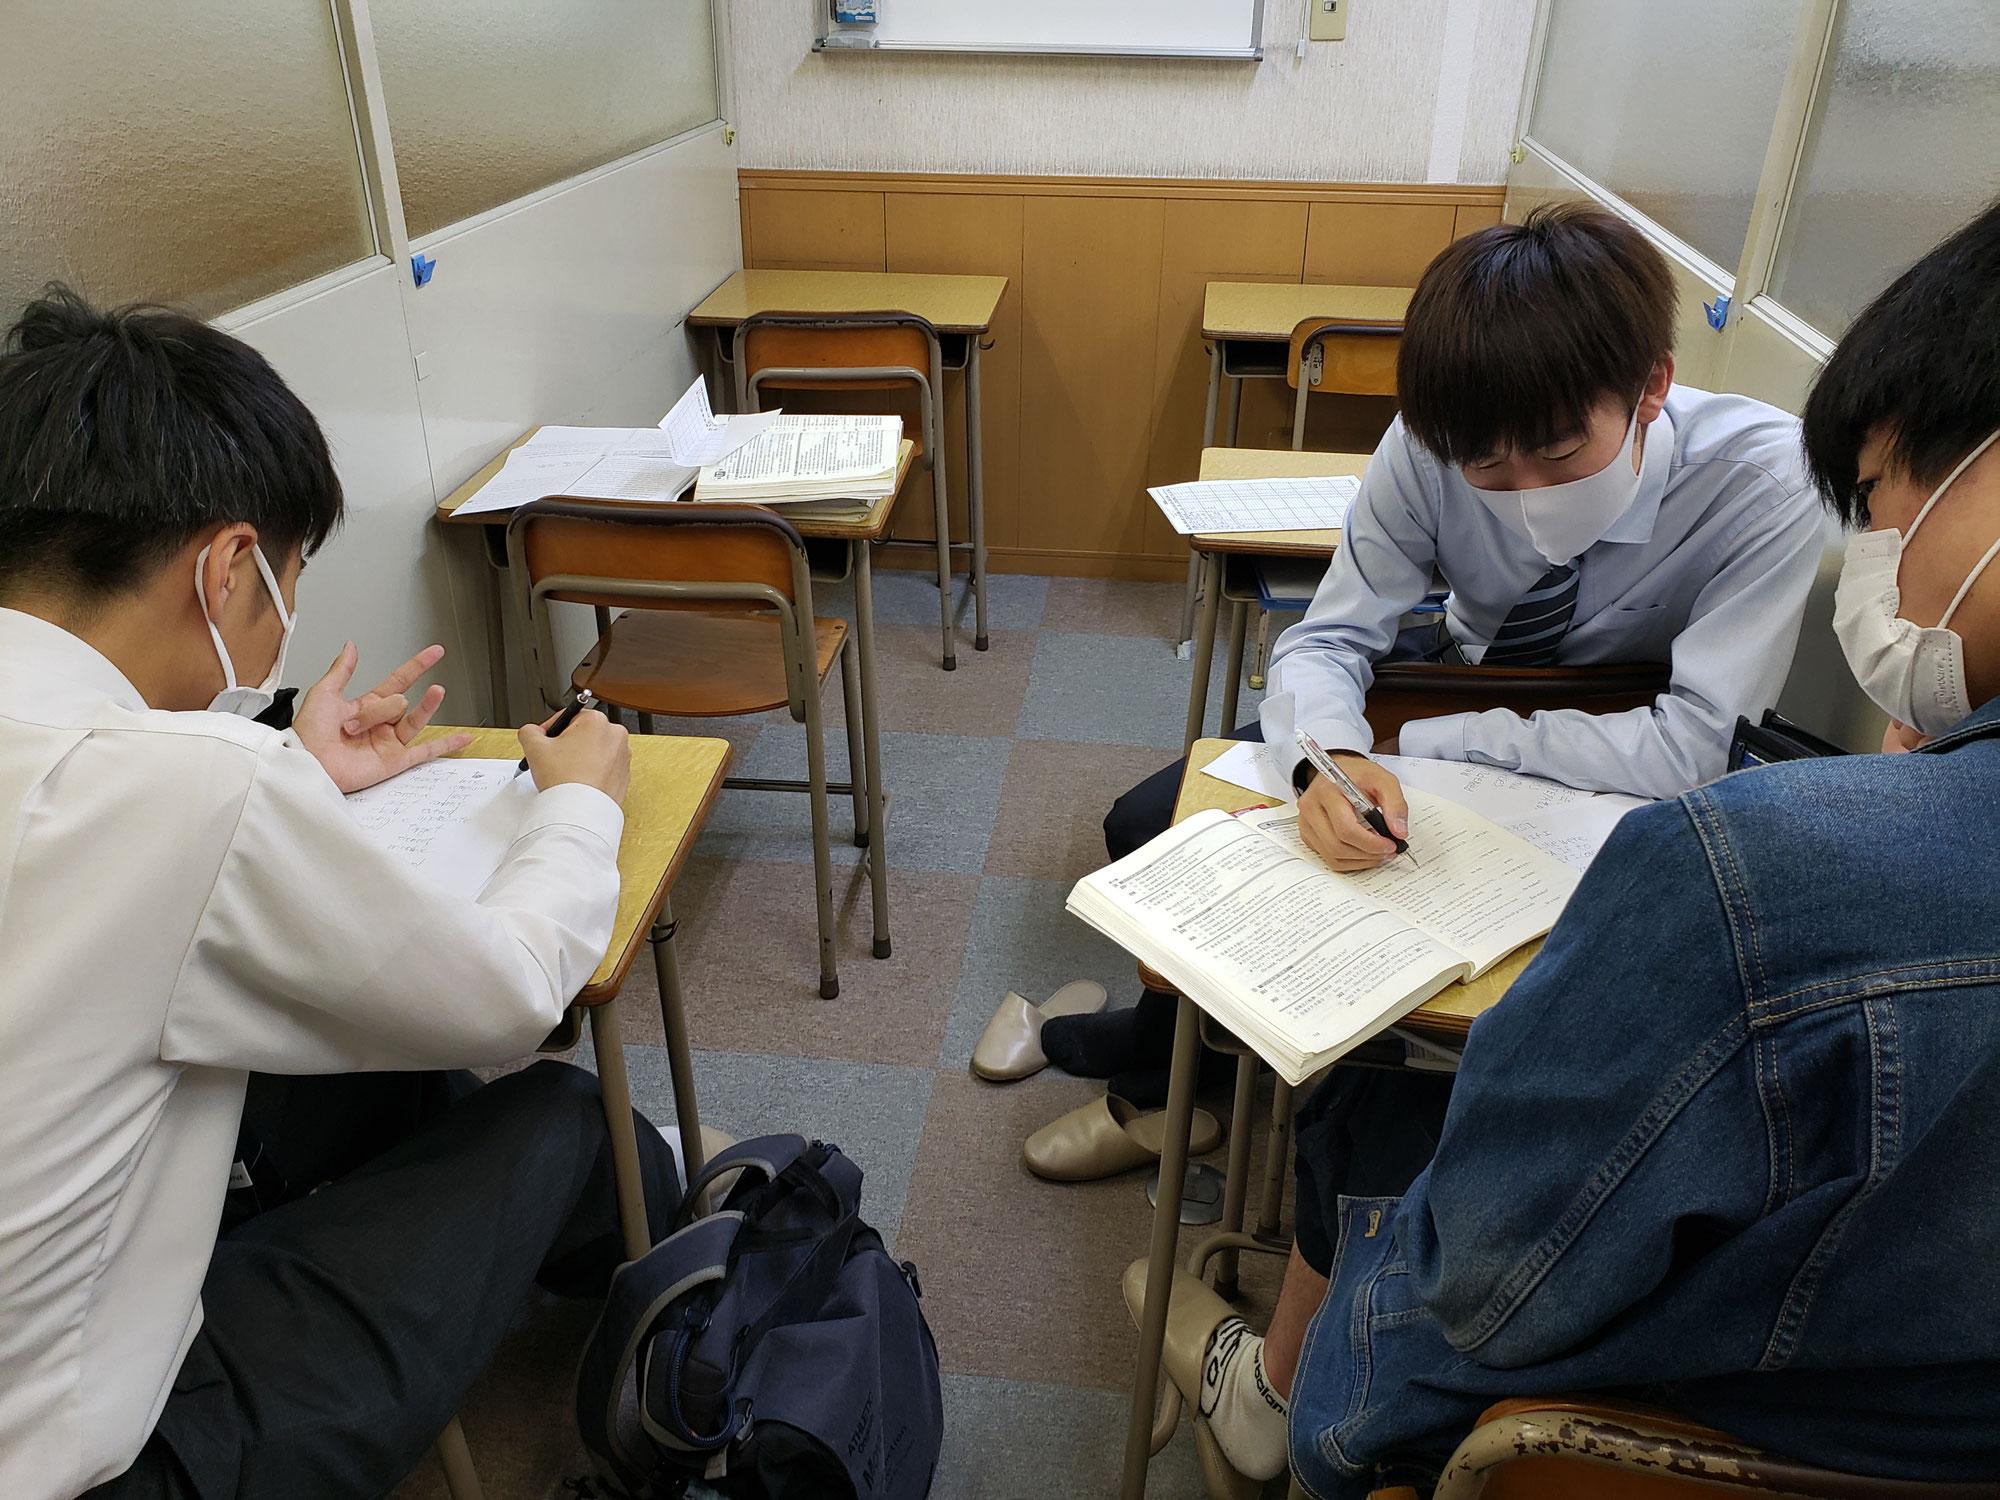 来週から各高校の定期テストが始まります。自習参加者が増えてきてます、頑張ってね(ノ^^)ノ